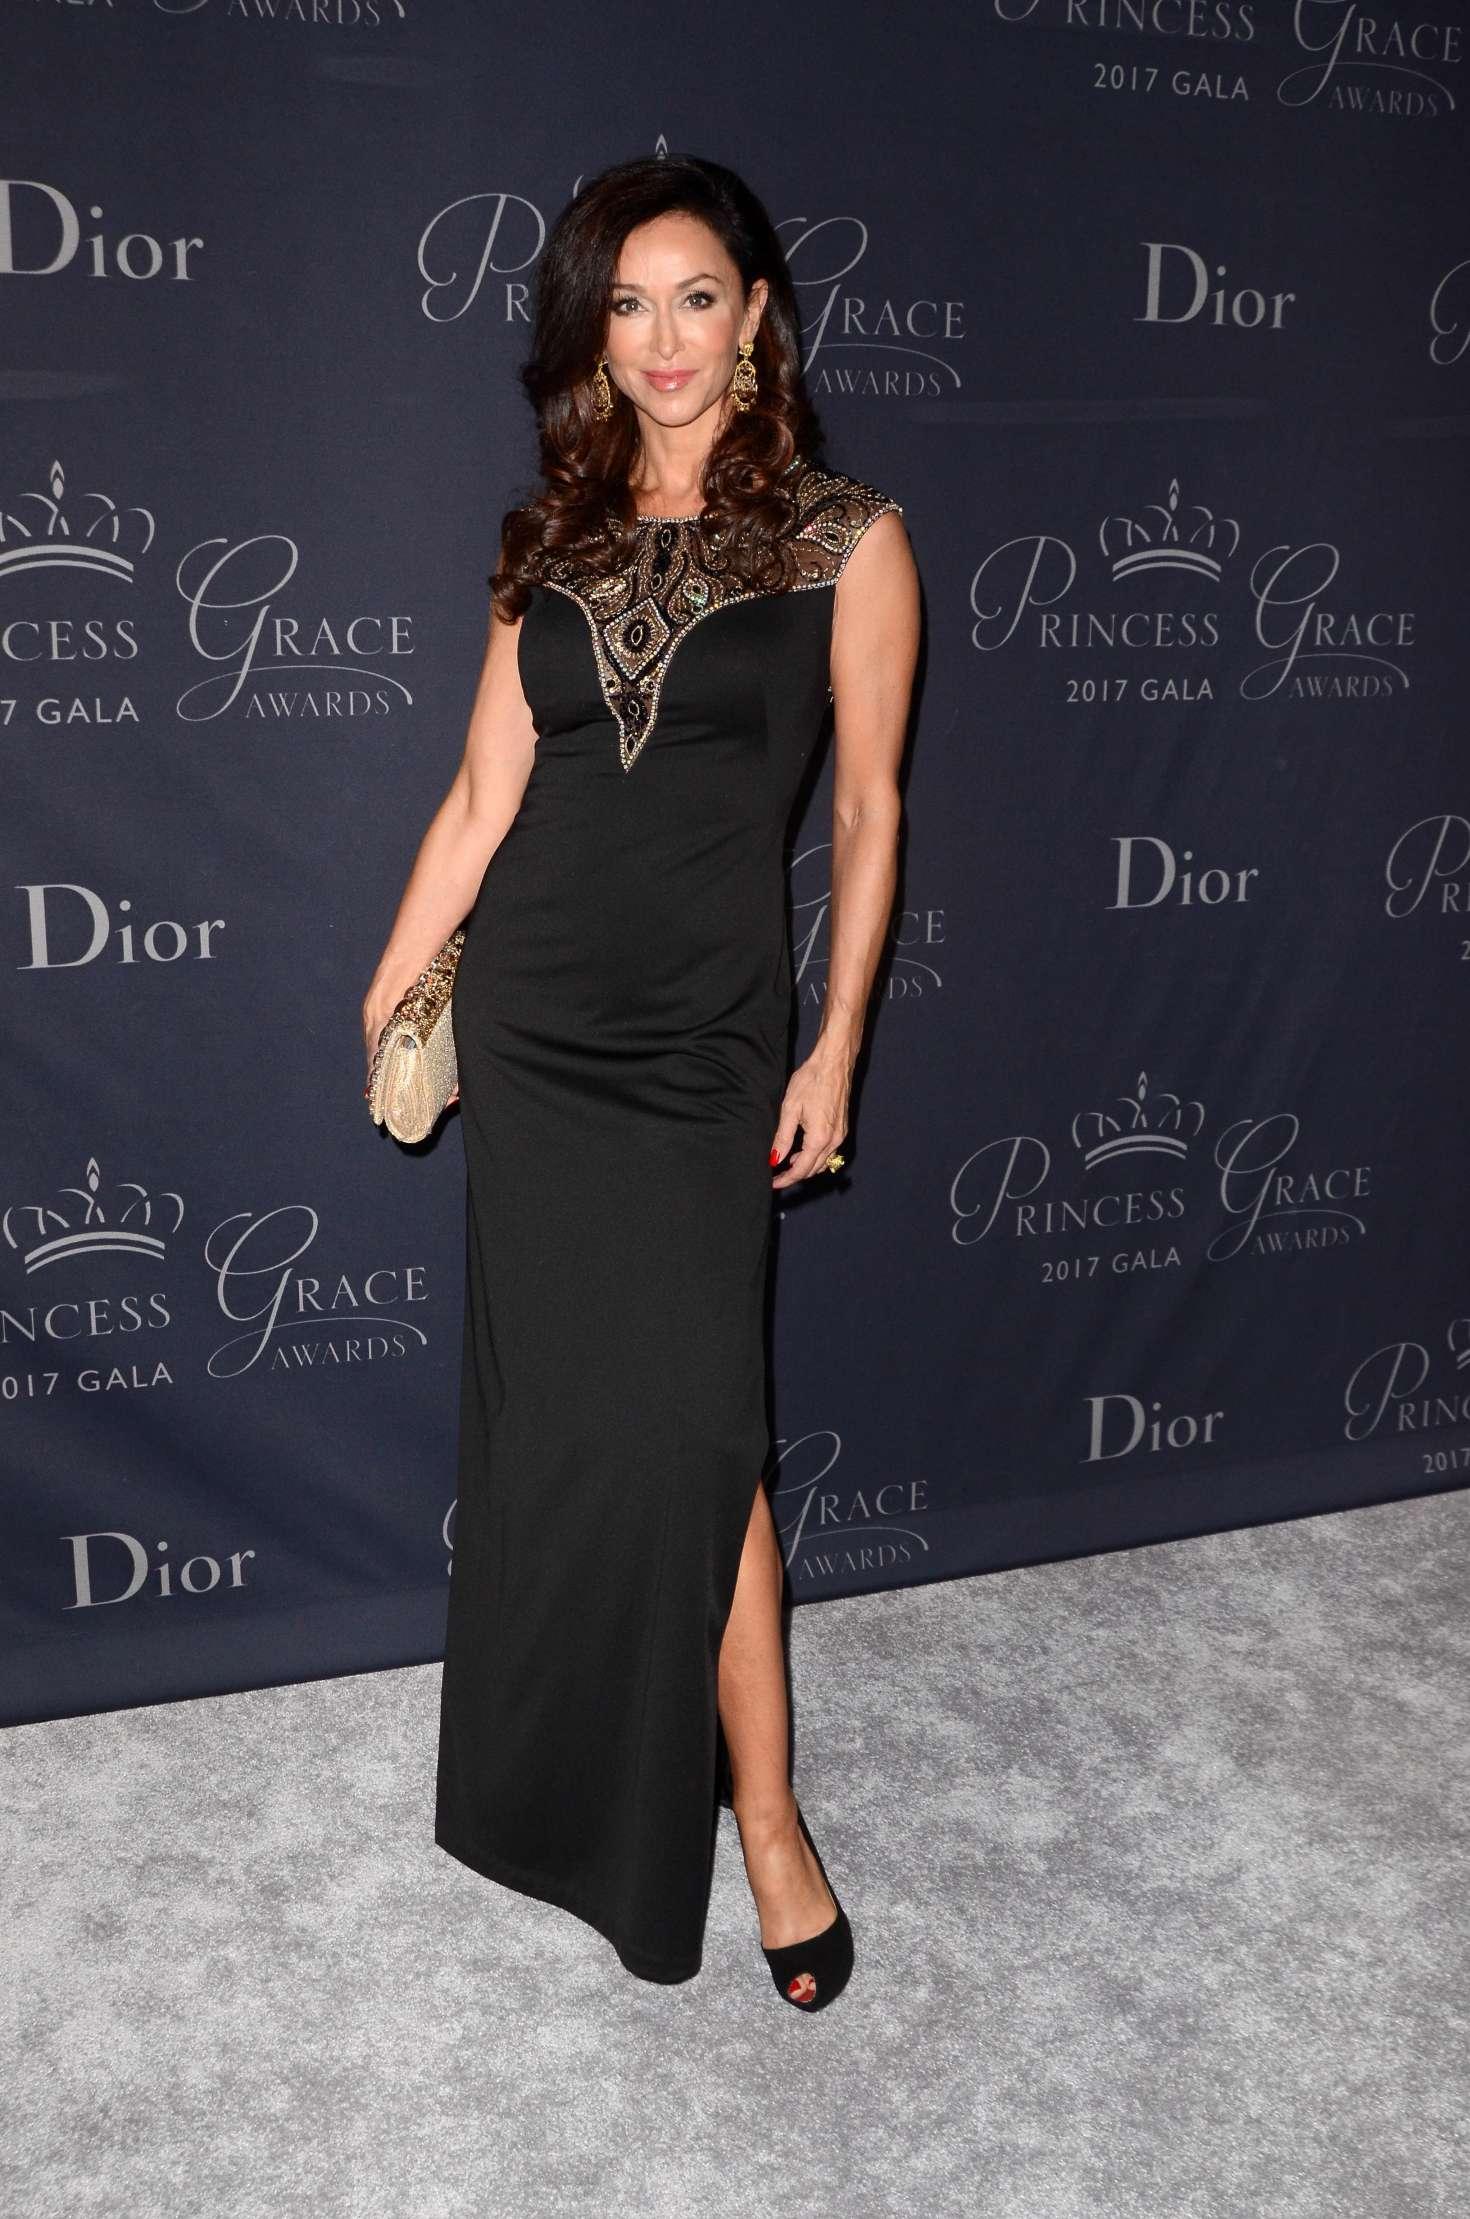 Sofia Milos 2017 : Sofia Milos: Princess Grace Awards Gala 2017 -09